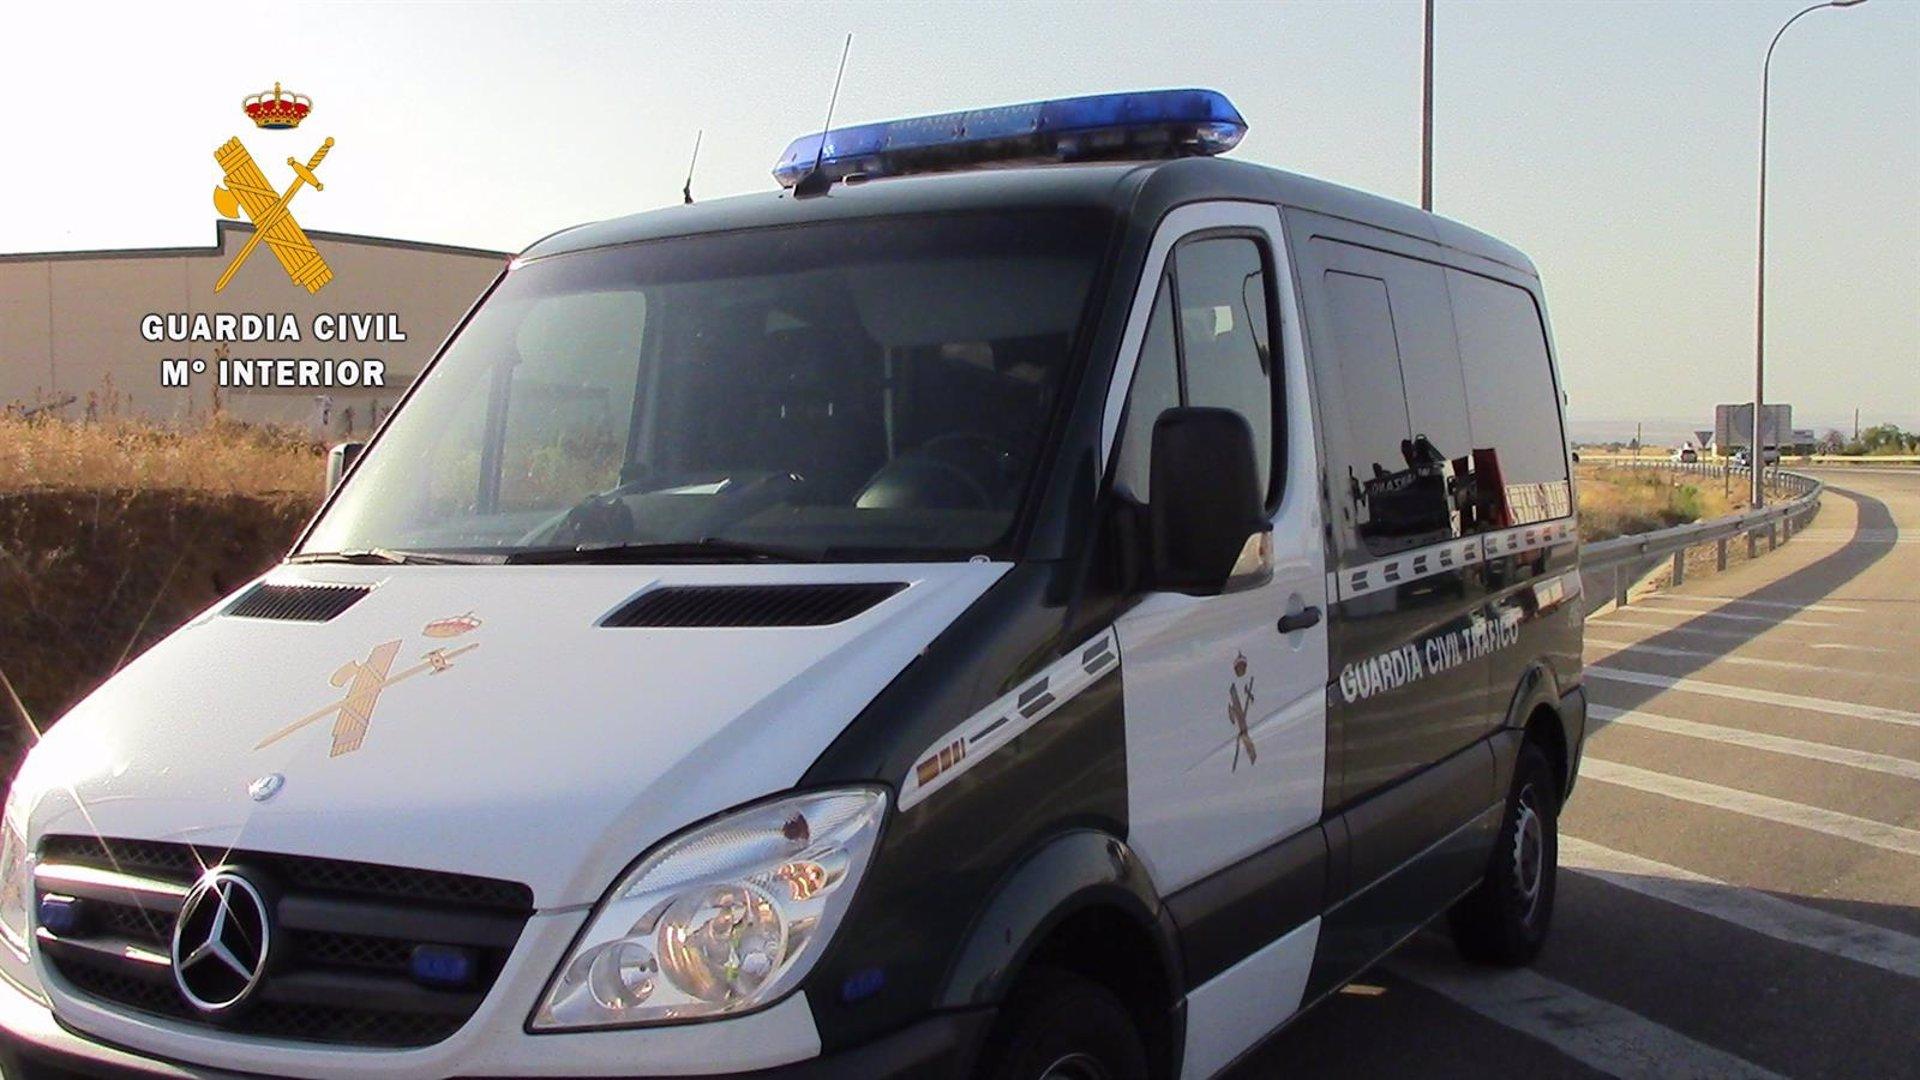 Granada.-Tribunales.- Prisión provisional para el acusado de la muerte de un hombre de 70 años en un tiroteo en Santa Fe